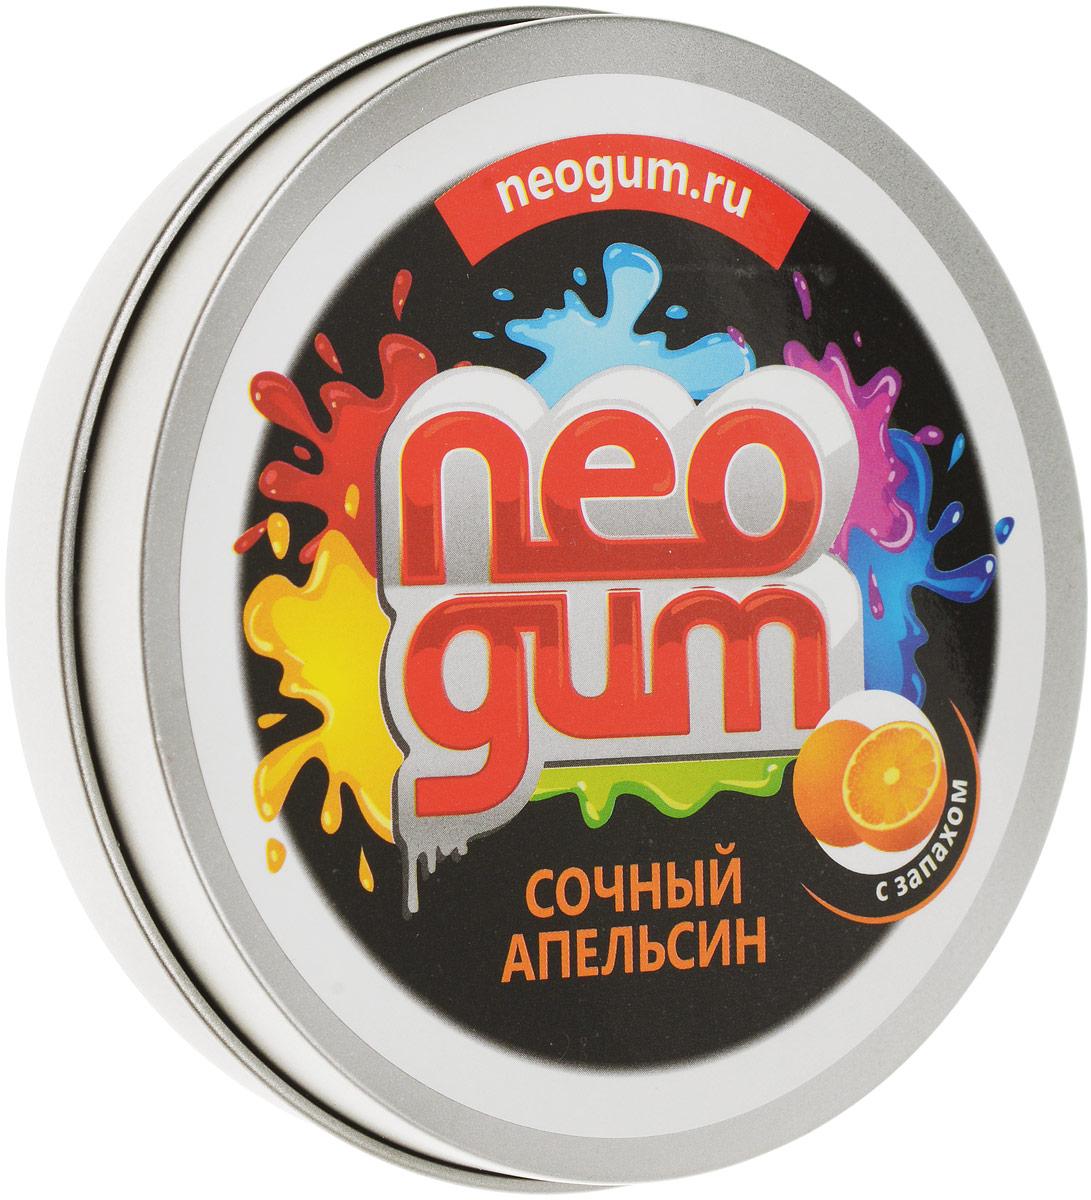 Neogum Жвачка для рук Сочный апельсинNG7026Жвачка для рук Neogum Сочный апельсин с приятным тропическим ароматом солнечного апельсина. Она поднимет настроение, поможет отвлечься от насущных жизненных проблем и мелких неурядиц, создавая настроение праздника. Апельсиновая жвачка для рук позволит погрузиться в атмосферу тепла и блаженства и зарядиться позитивом на весь день! Не подвергайте воздействию воды и моющих средств.